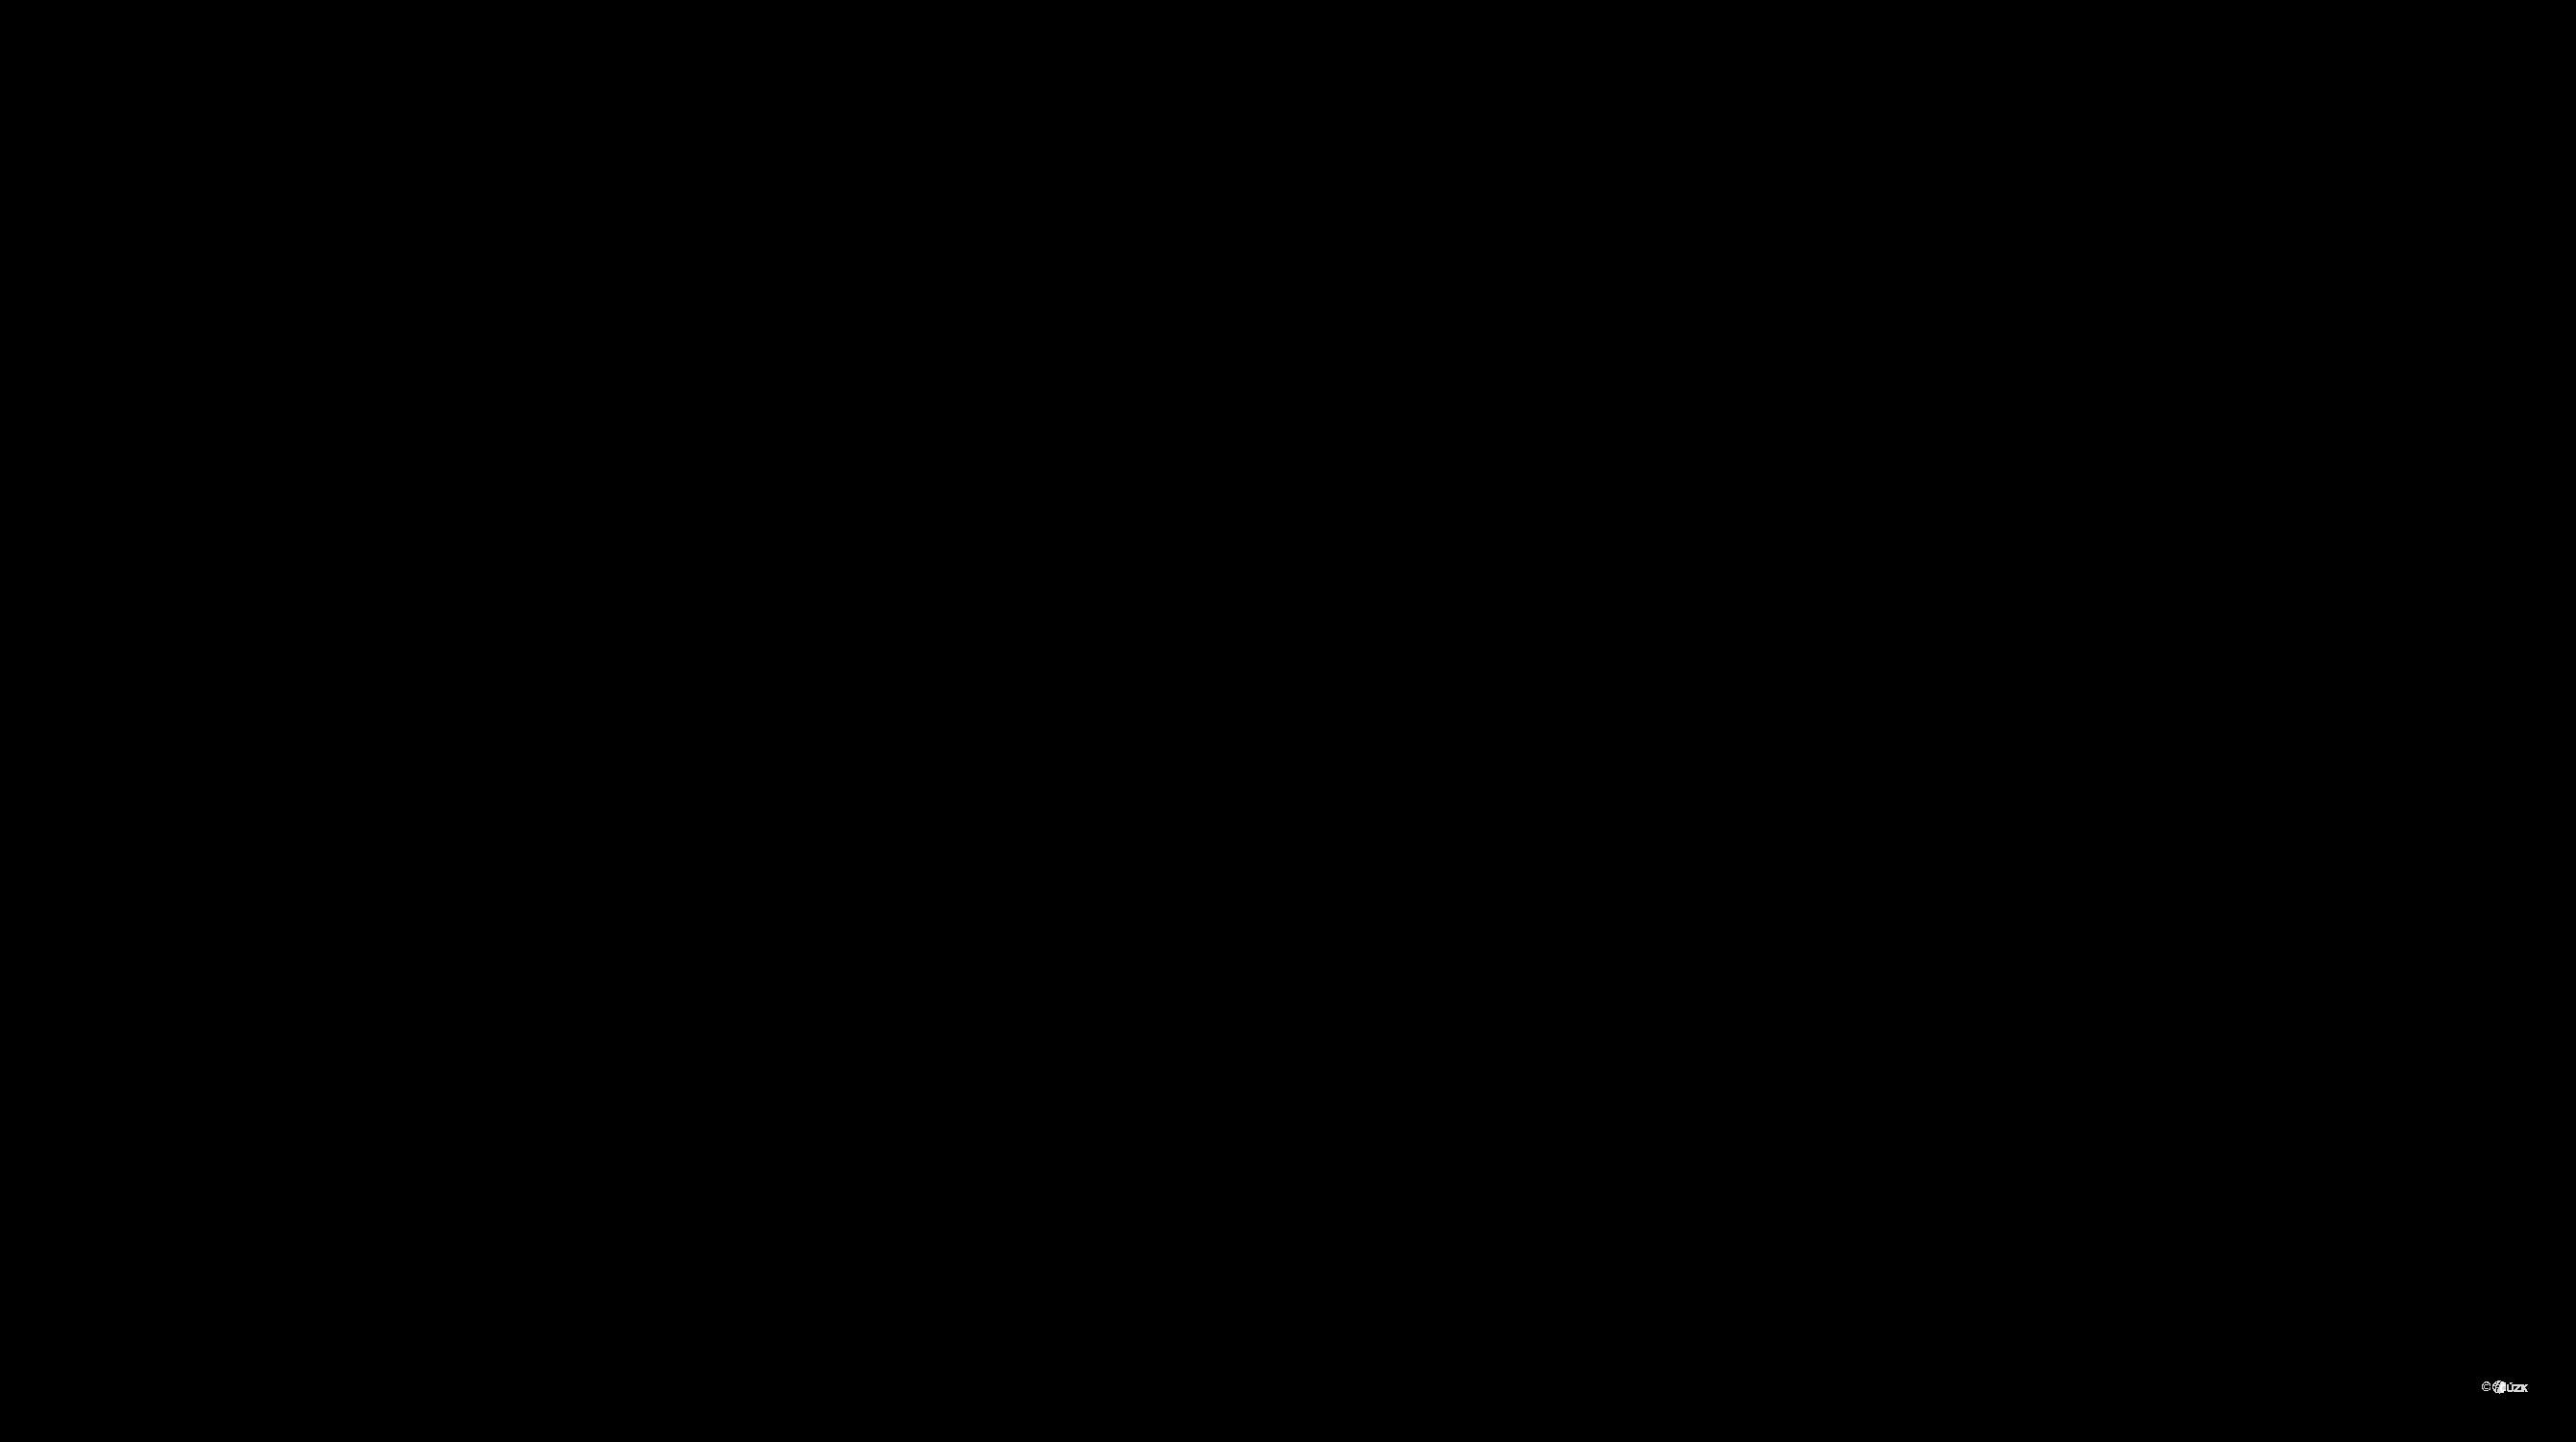 Katastrální mapa pozemků a čísla parcel Hrušovany nad Jevišovkou